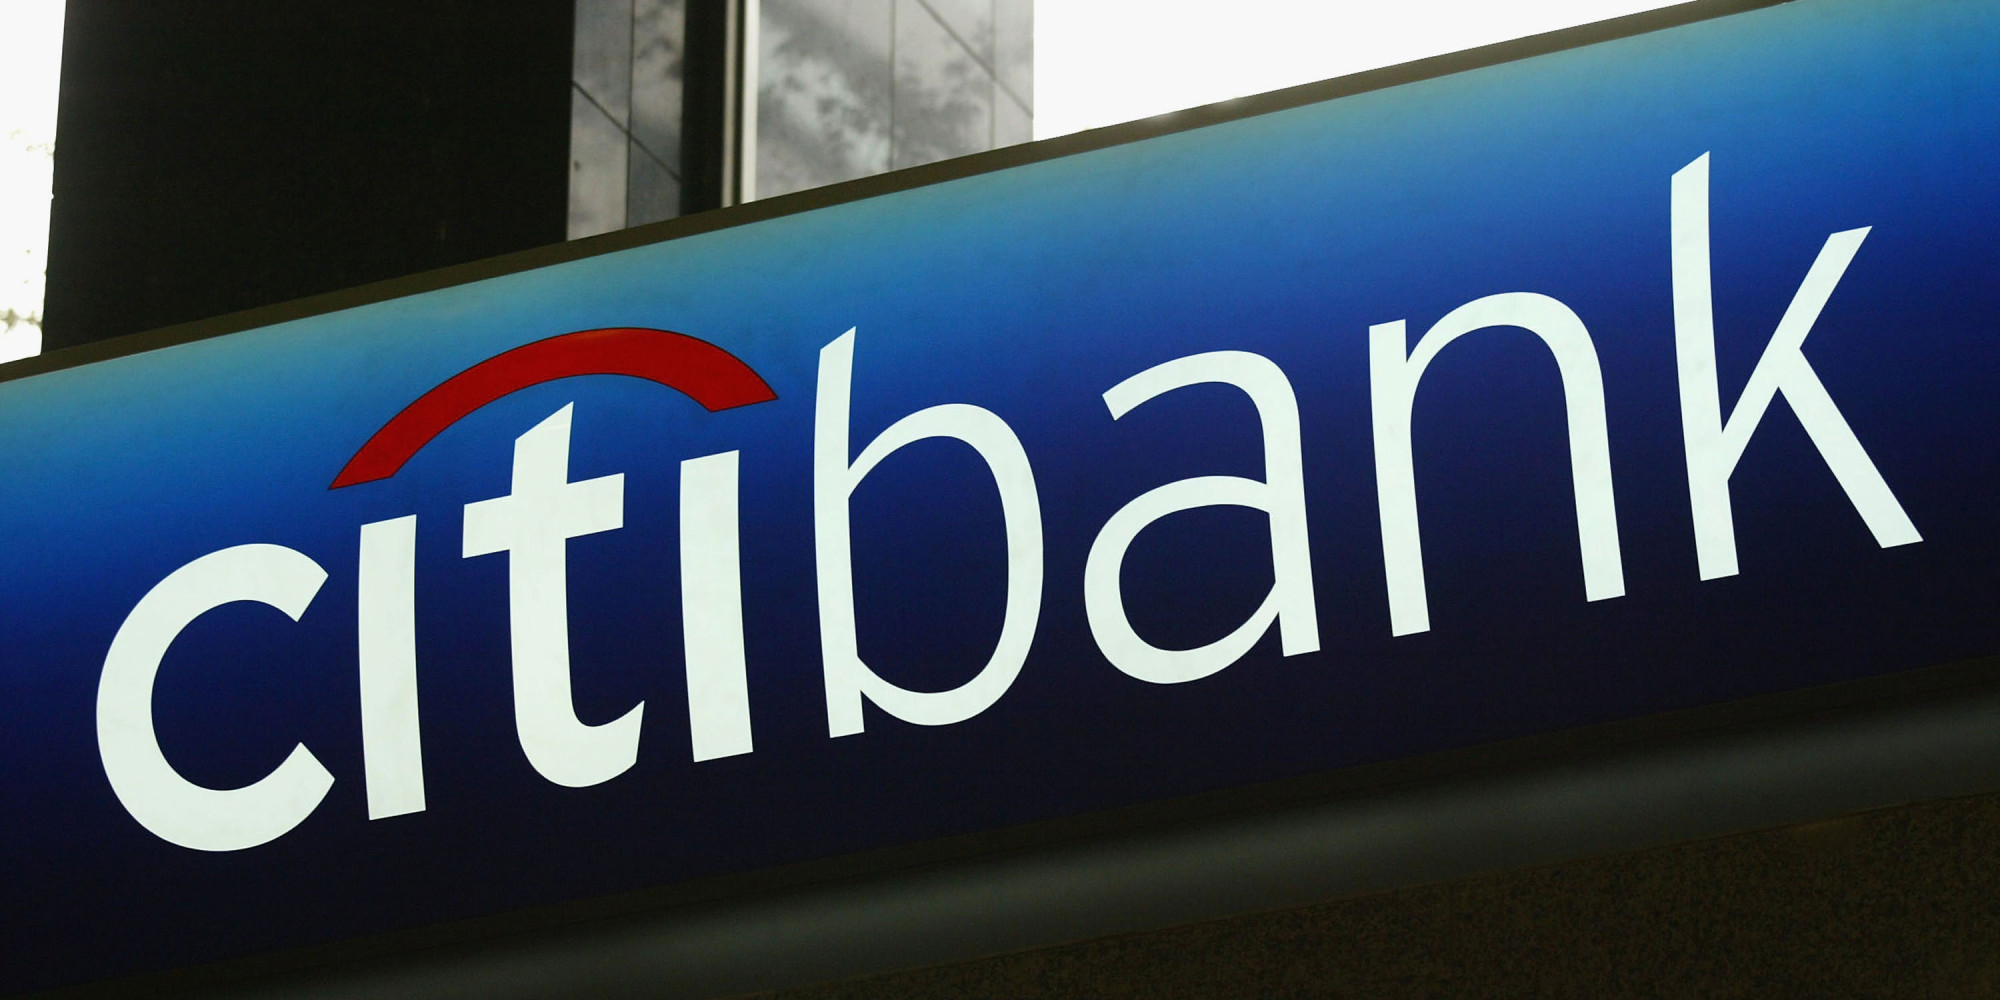 Image courtesy of Citibank